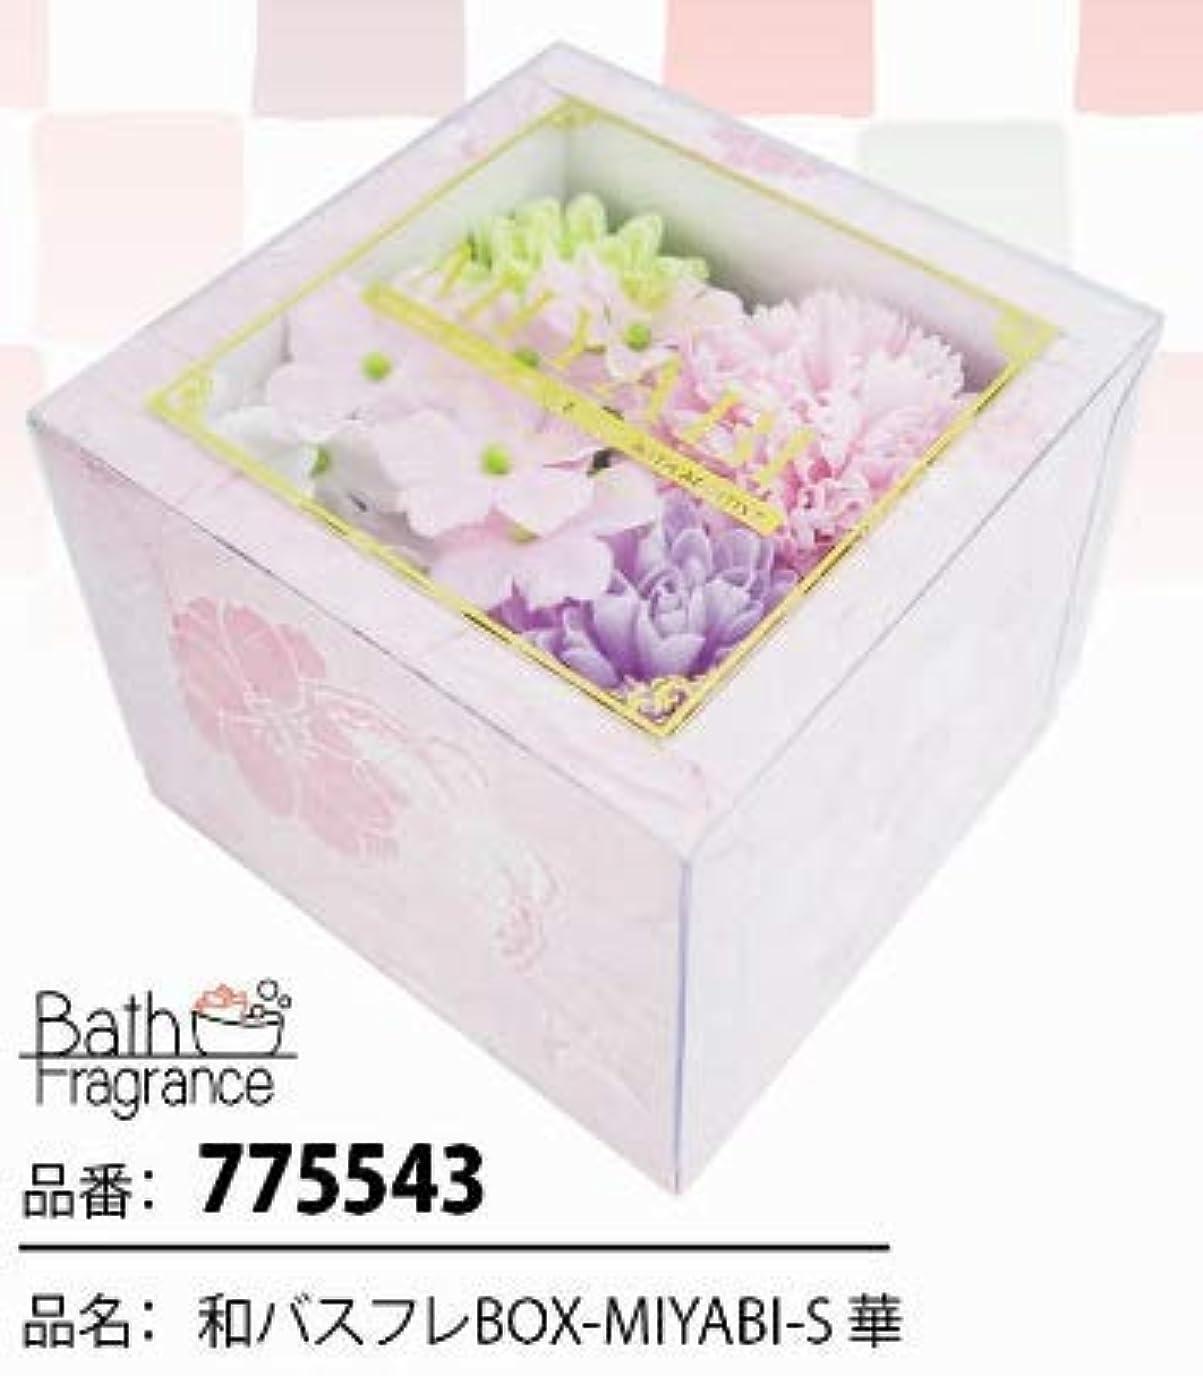 冊子運ぶリーガン花のカタチの入浴剤 和バスフレBOX-MIYABI-S華 775543